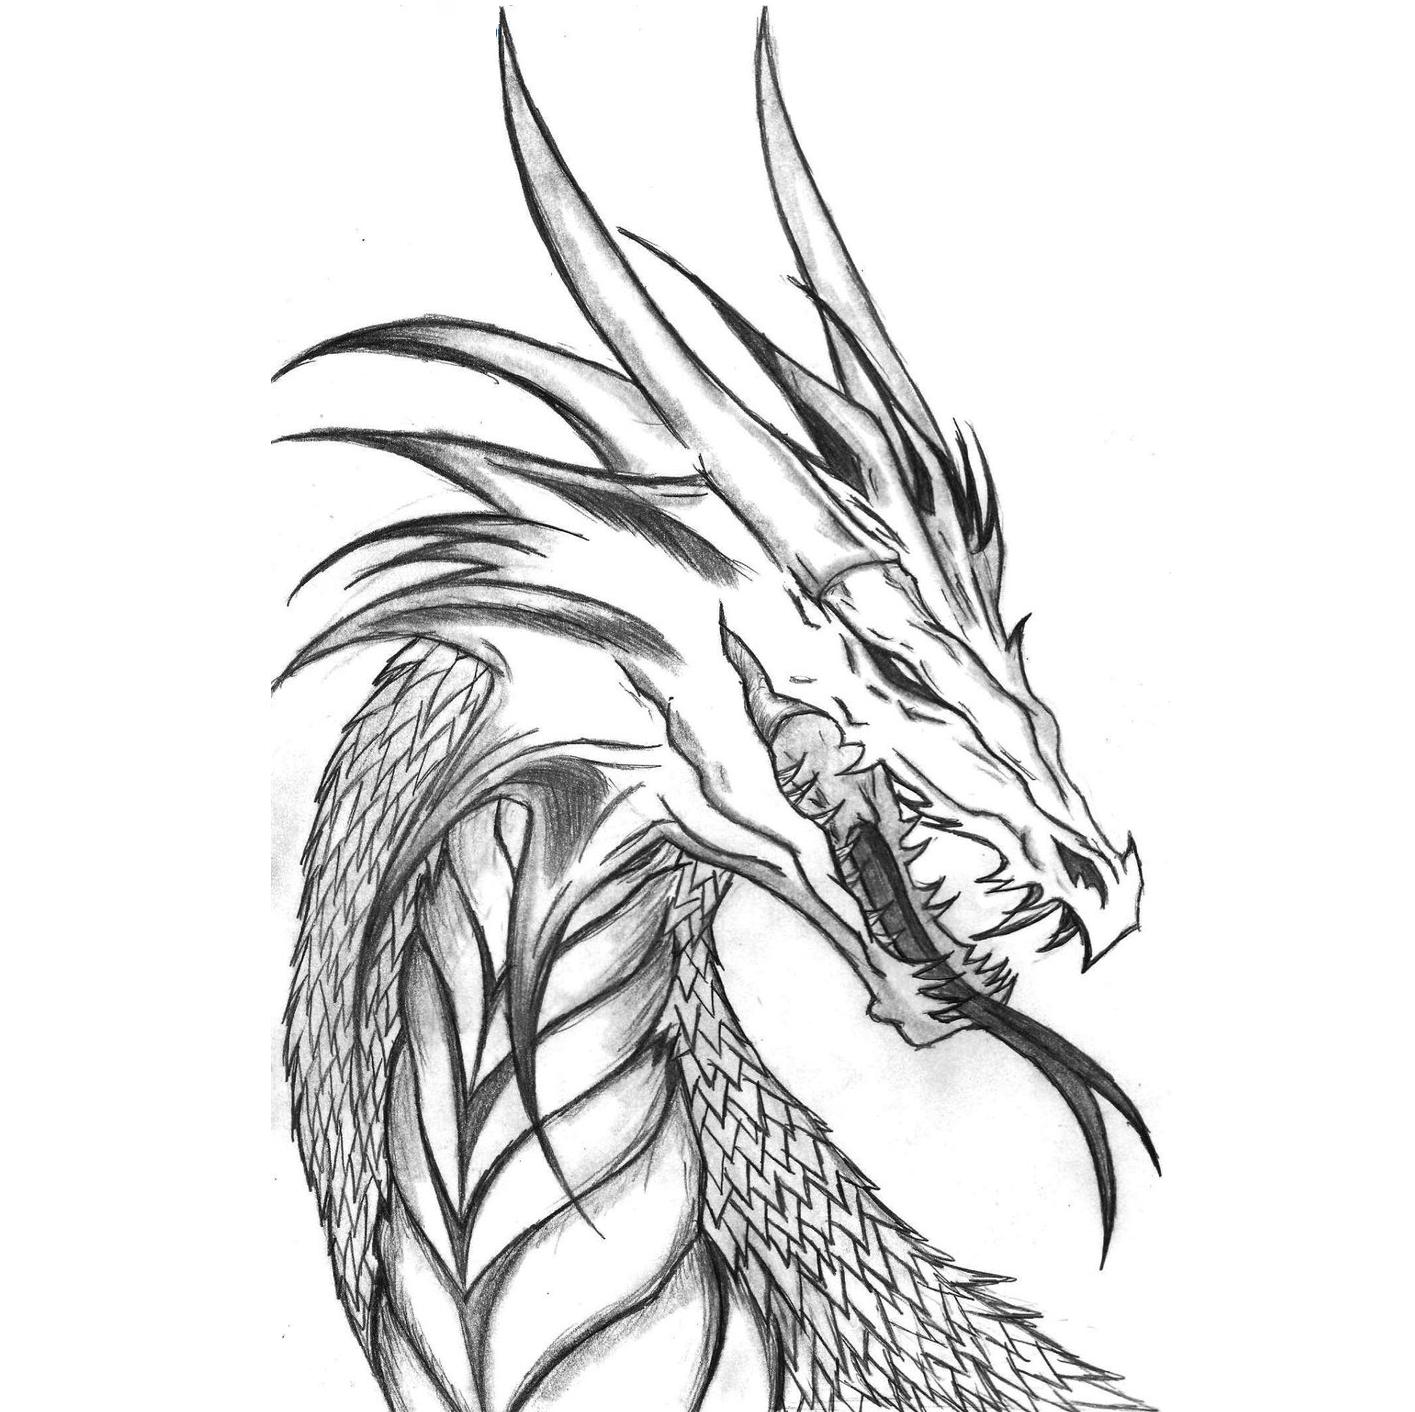 Un Dragon Hecho A Lapiz Dragones Arte Contemporaneo Dibujos